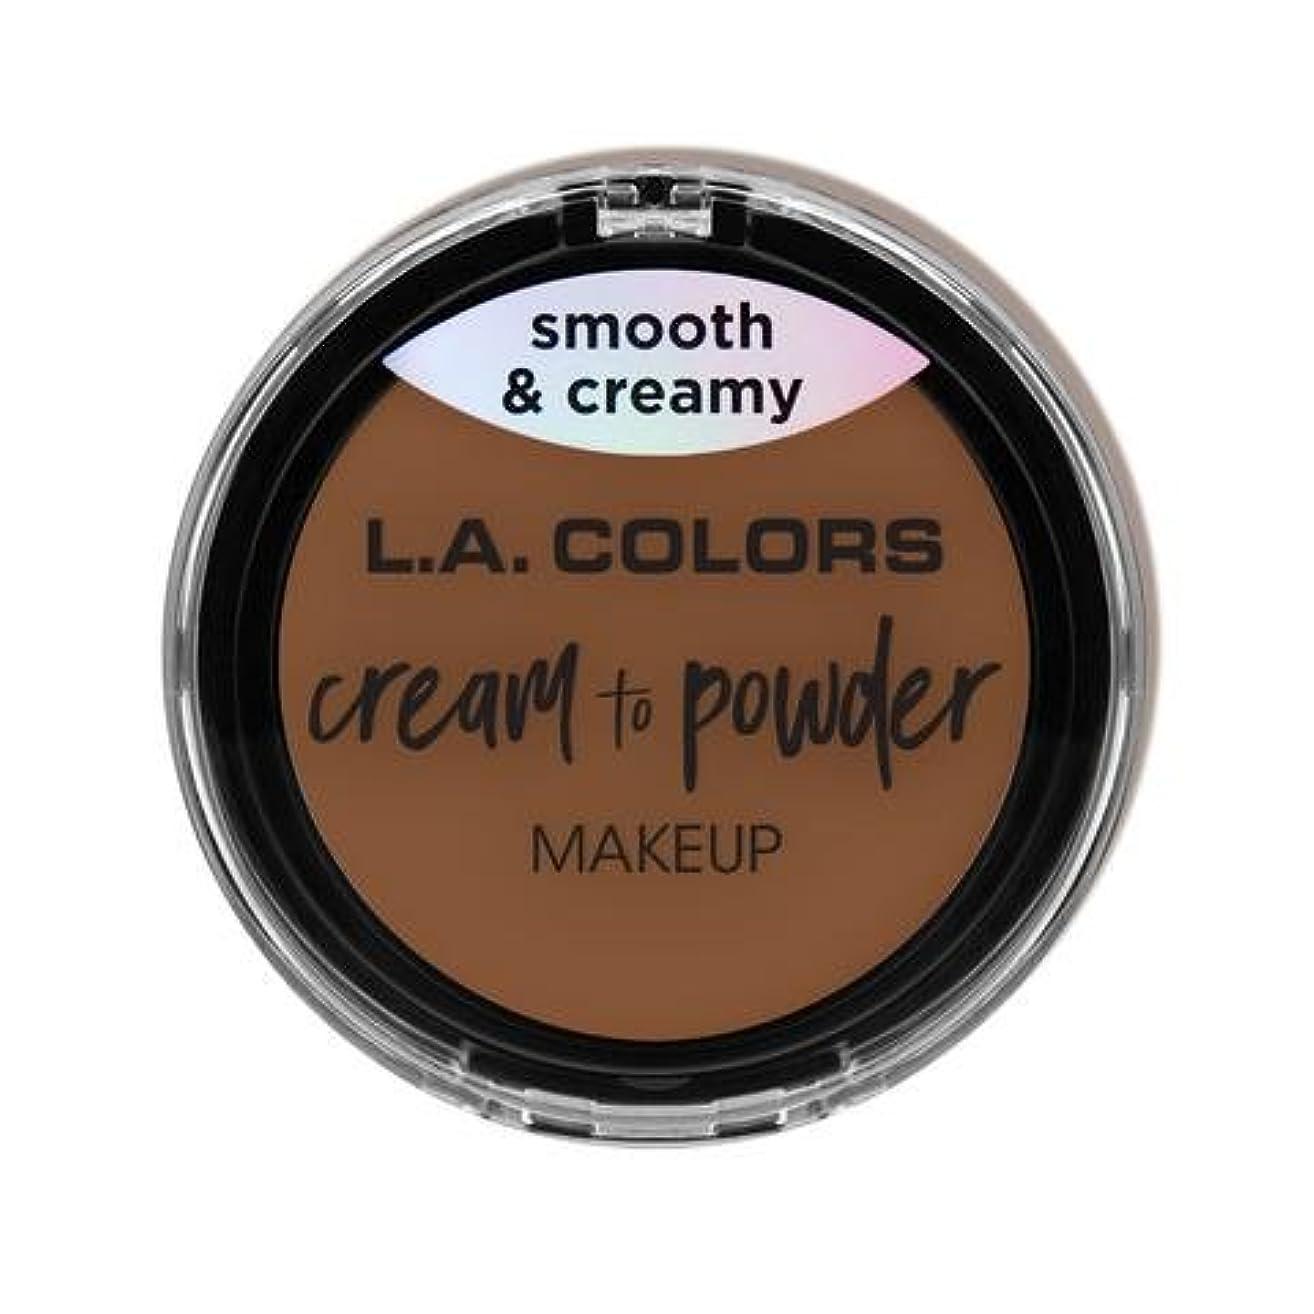 エピソードベジタリアン干渉する(3 Pack) L.A. COLORS Cream To Powder Foundation - Toast (並行輸入品)